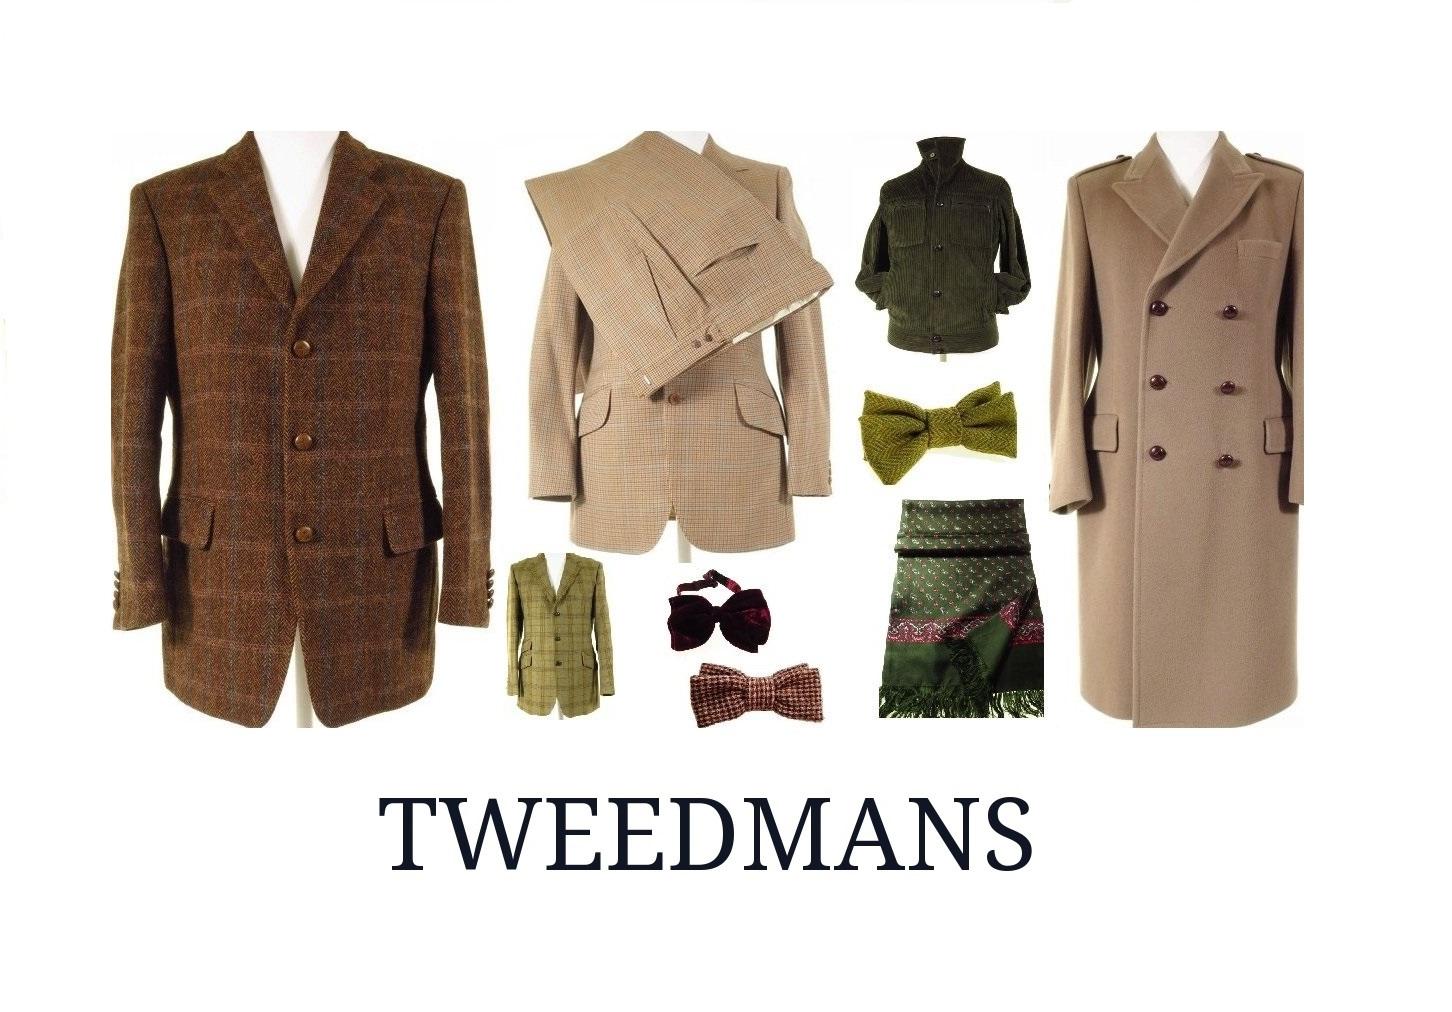 Tweedmans.jpg